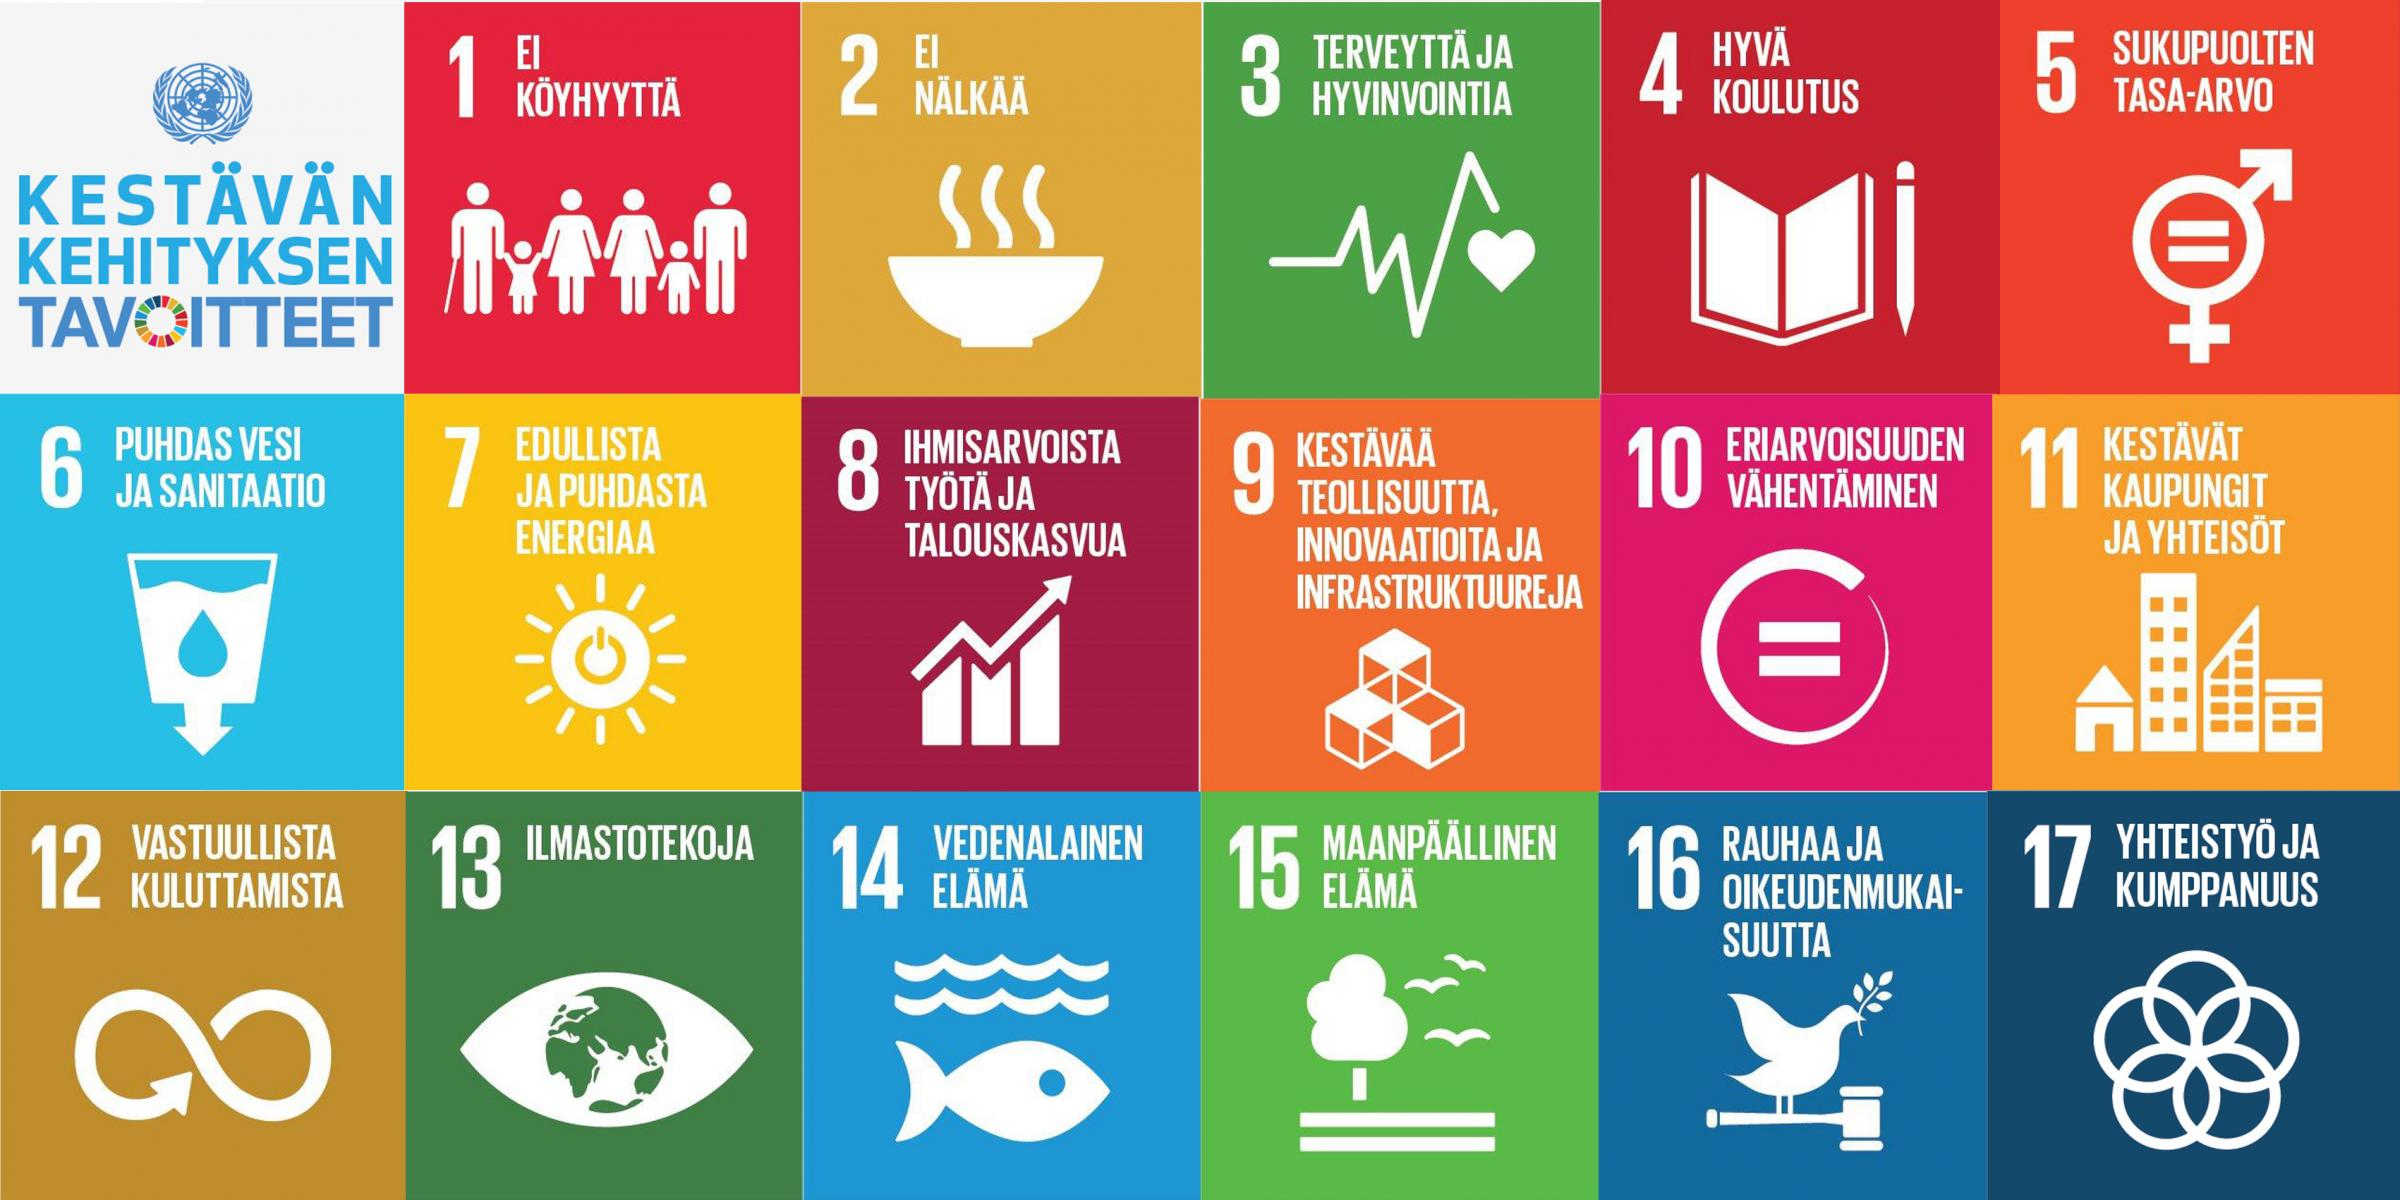 Kestävän kehityksen tavoitteet listattuina